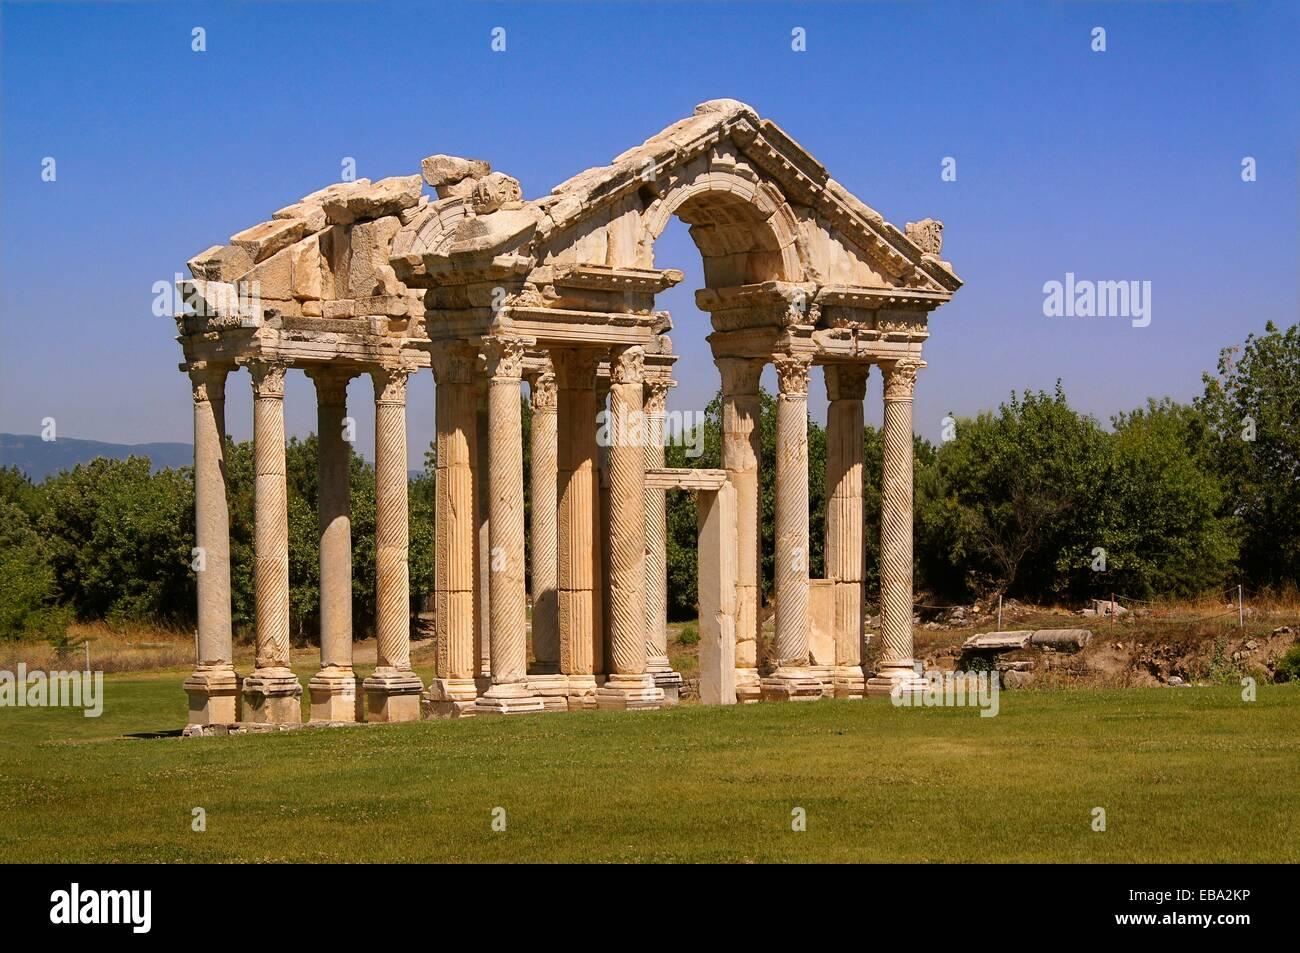 100 140 230 62 en fonction après l'antiquité archéologie architecture Aphrodite Aphrodisias Asie Photo Stock